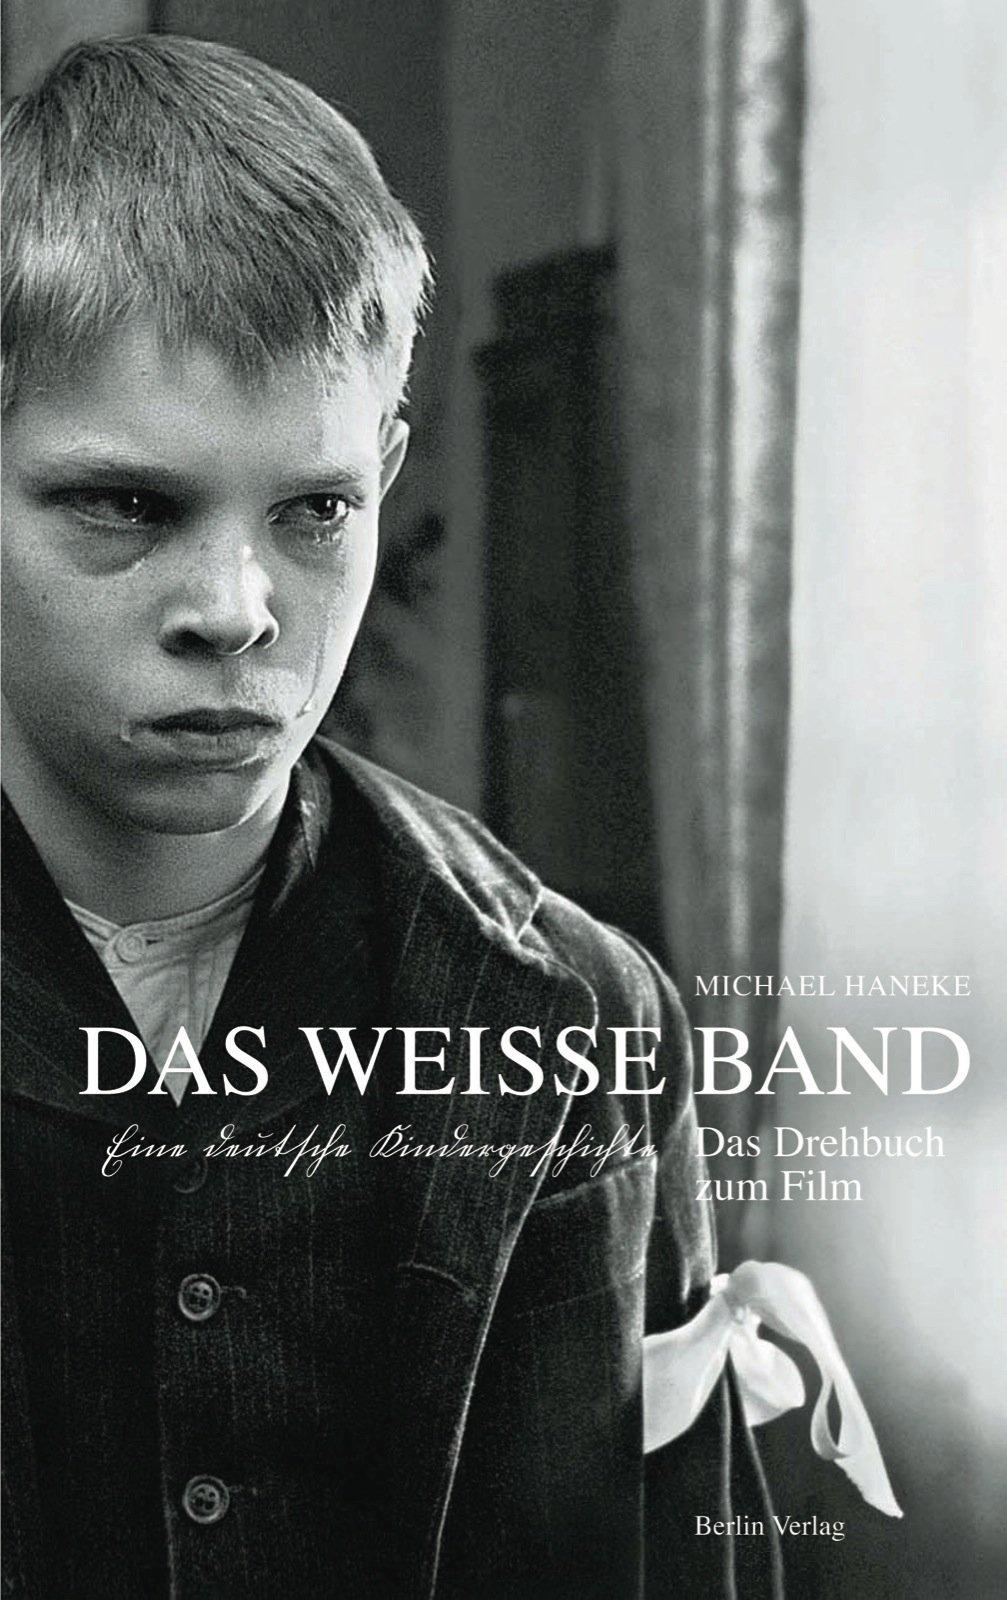 Das weiße Band: Eine deutsche Kindergeschichte. Das Drehbuch zum Film:  Amazon.de: Haneke, Michael: Bücher